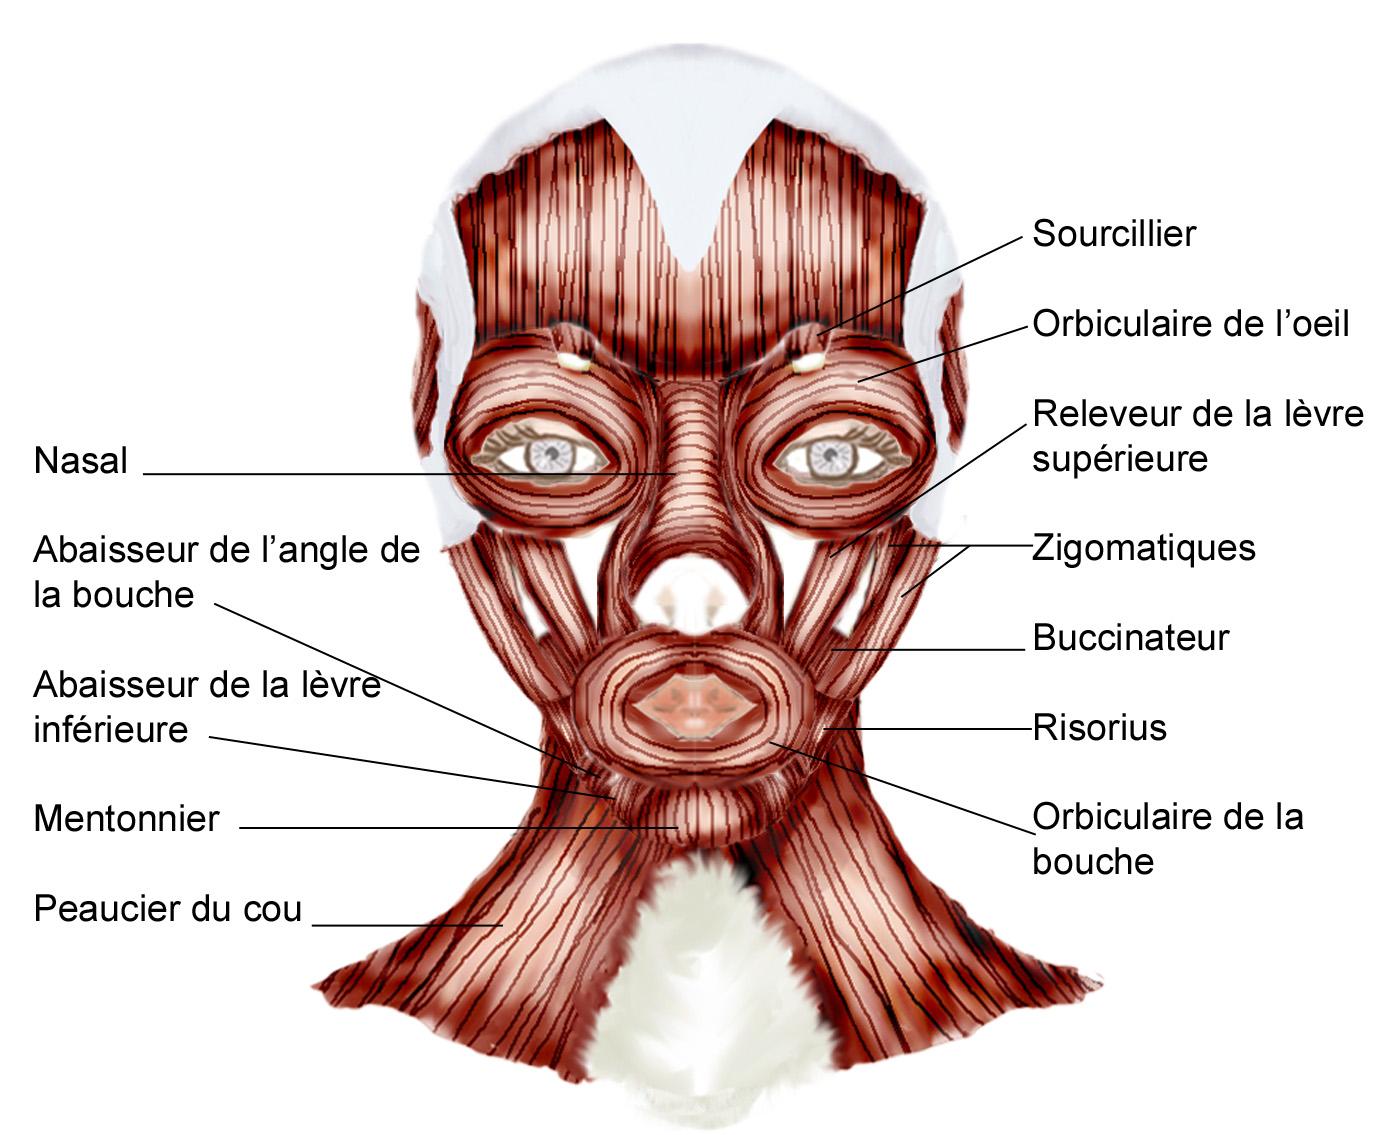 Les diffrents types de vieillissement du visage - Article